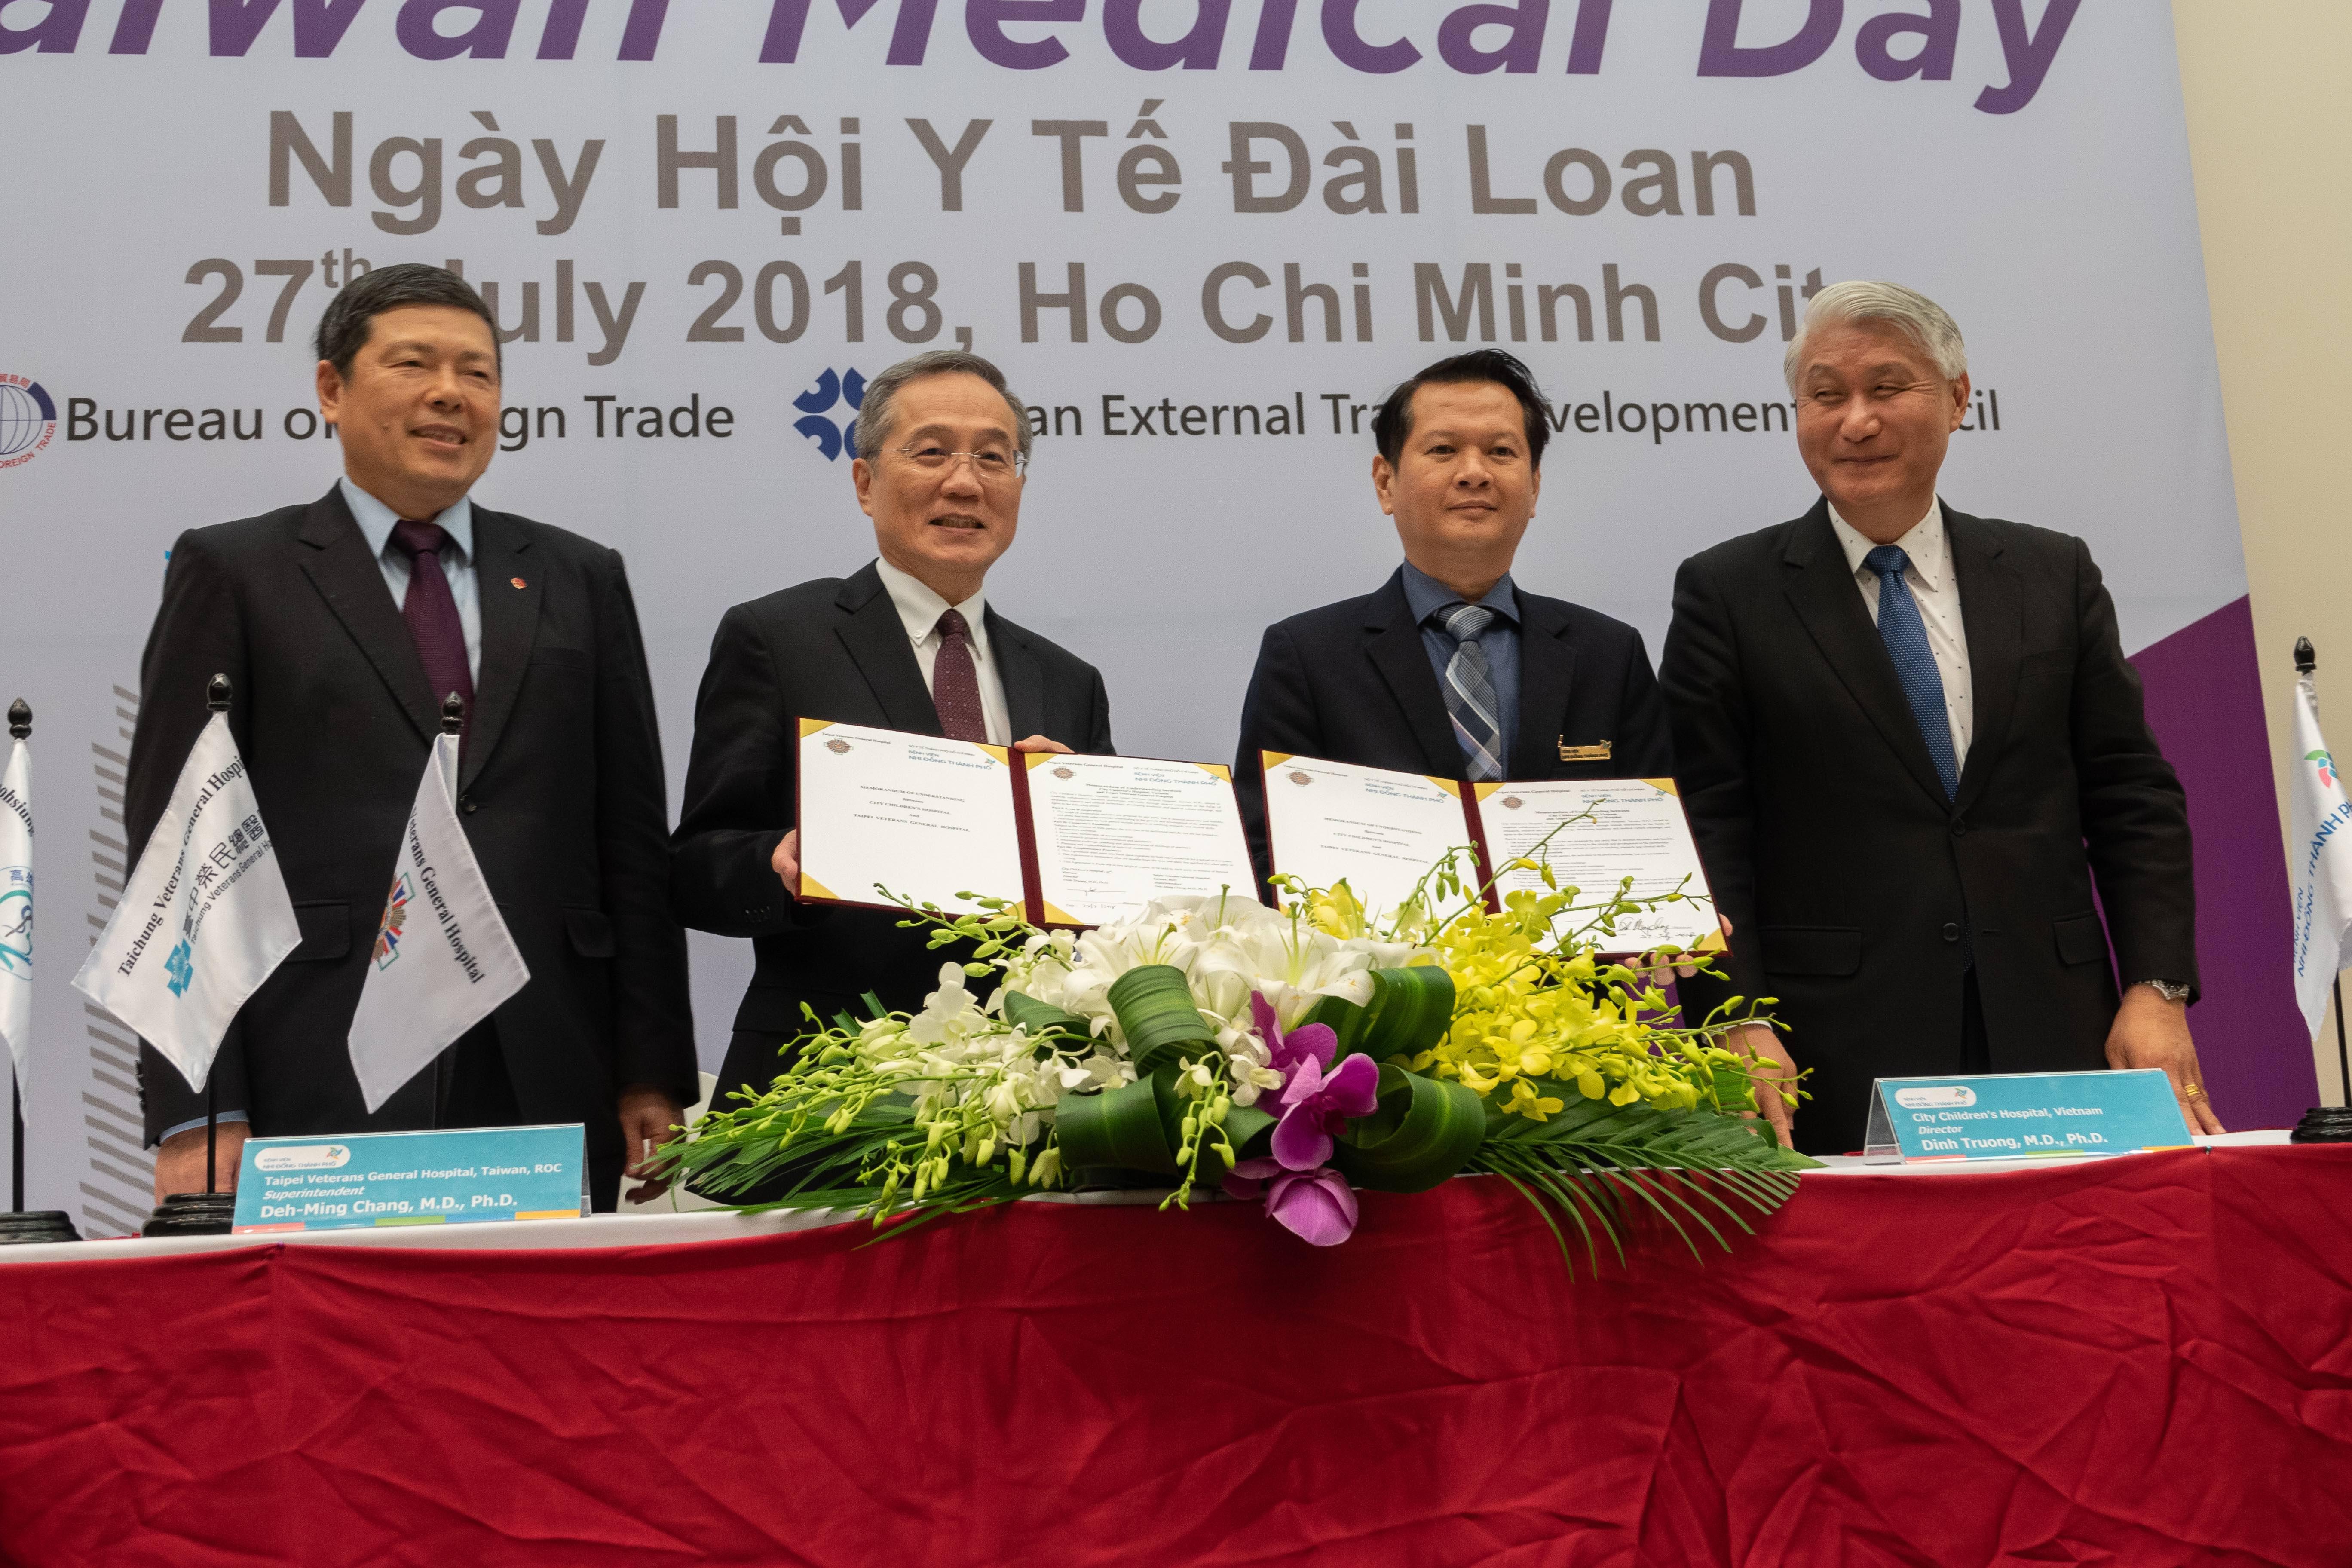 協助榮陽團隊與越南機構簽署合作協定並且設立健康照護聯合門診